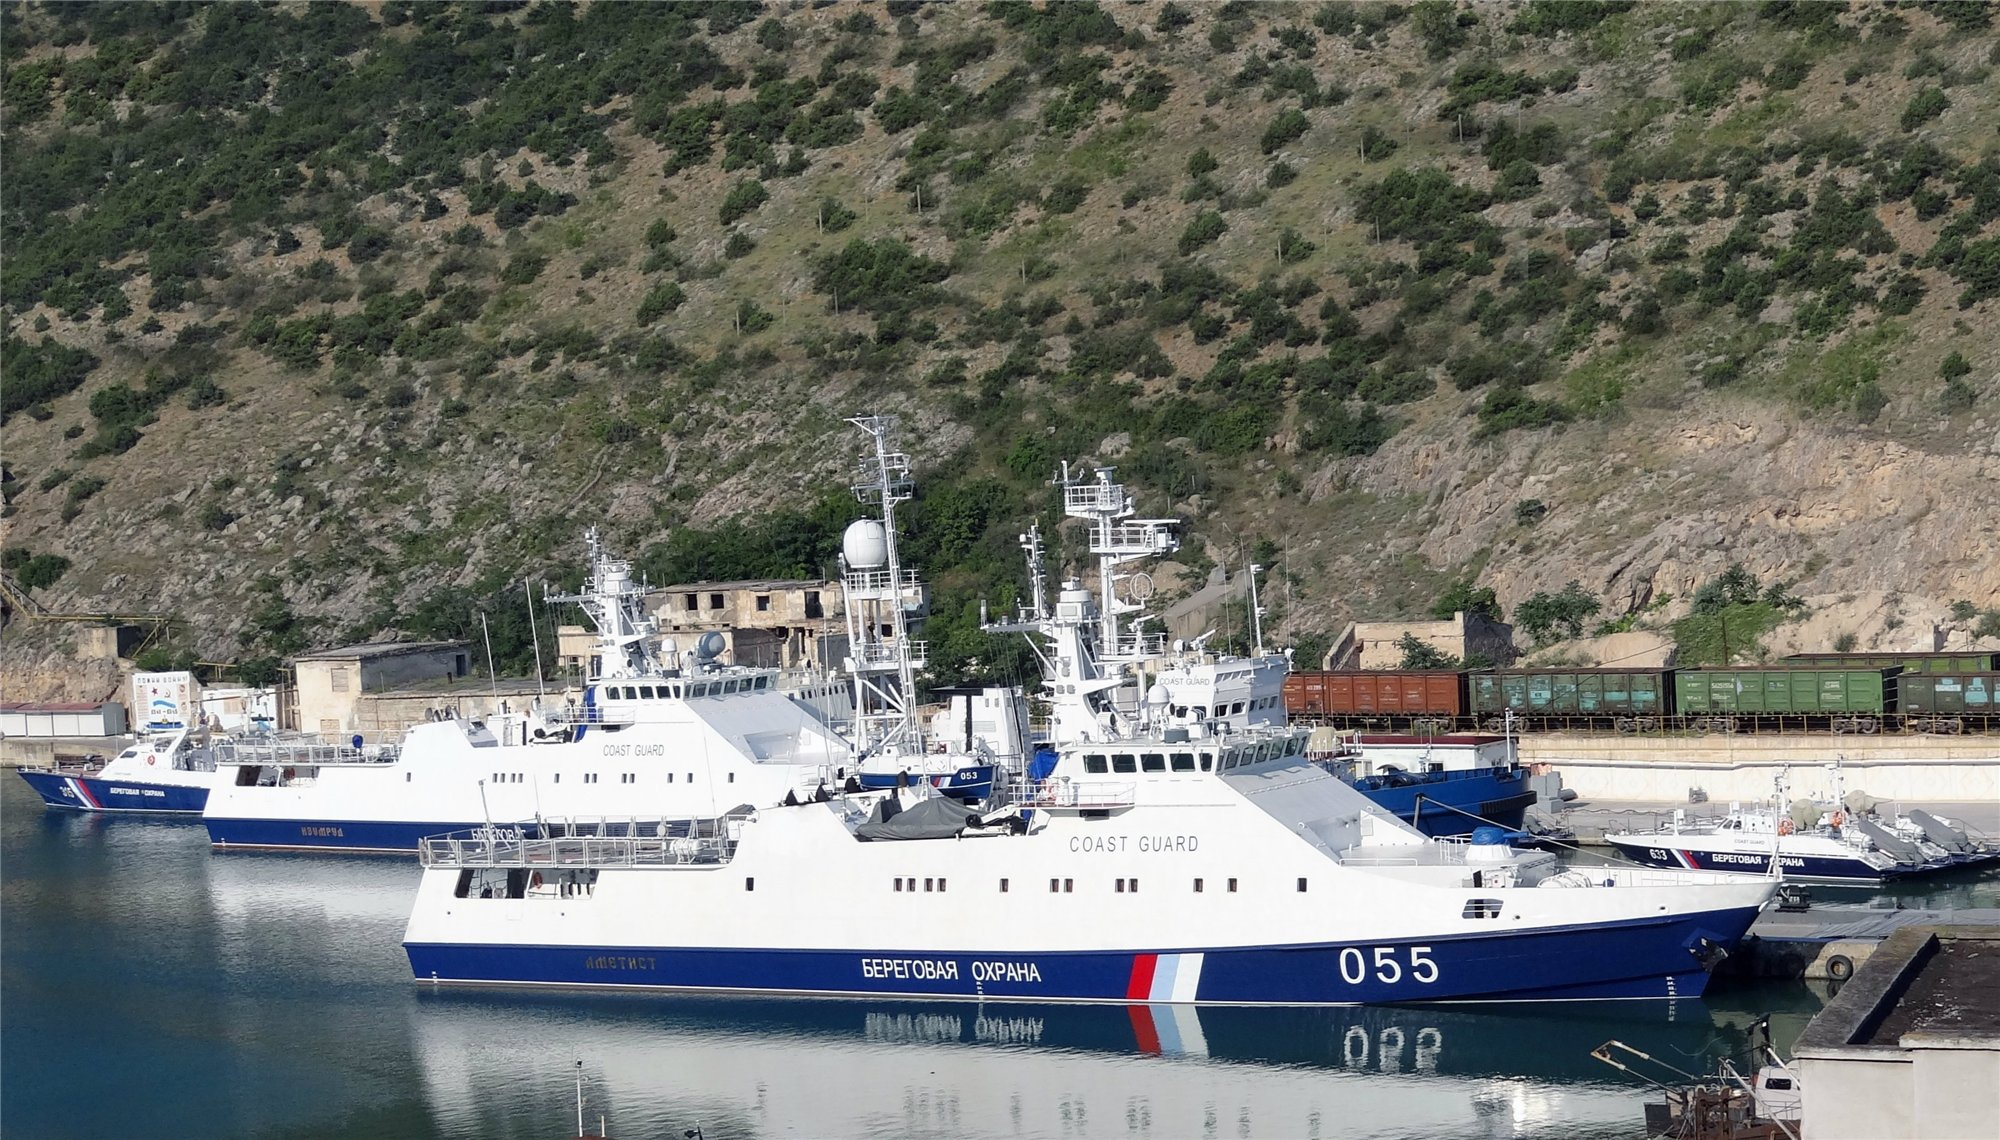 Россия самовольно установила границу в Черном море, и пограничники ФСБ патрулируют не только территориальные воды, но и прилегающую зону со свободным судоходством